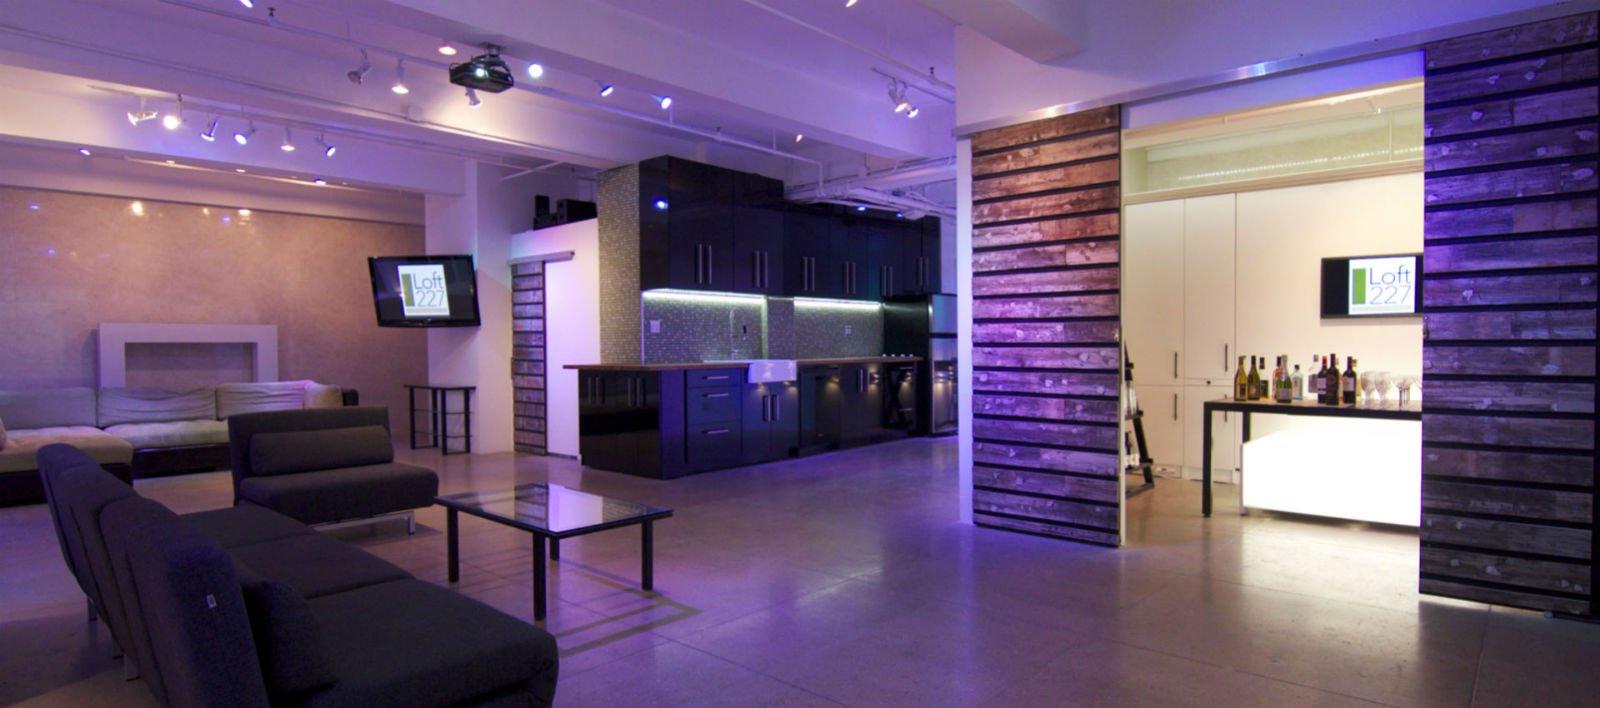 un appartamento moderno con luci viola soffuse